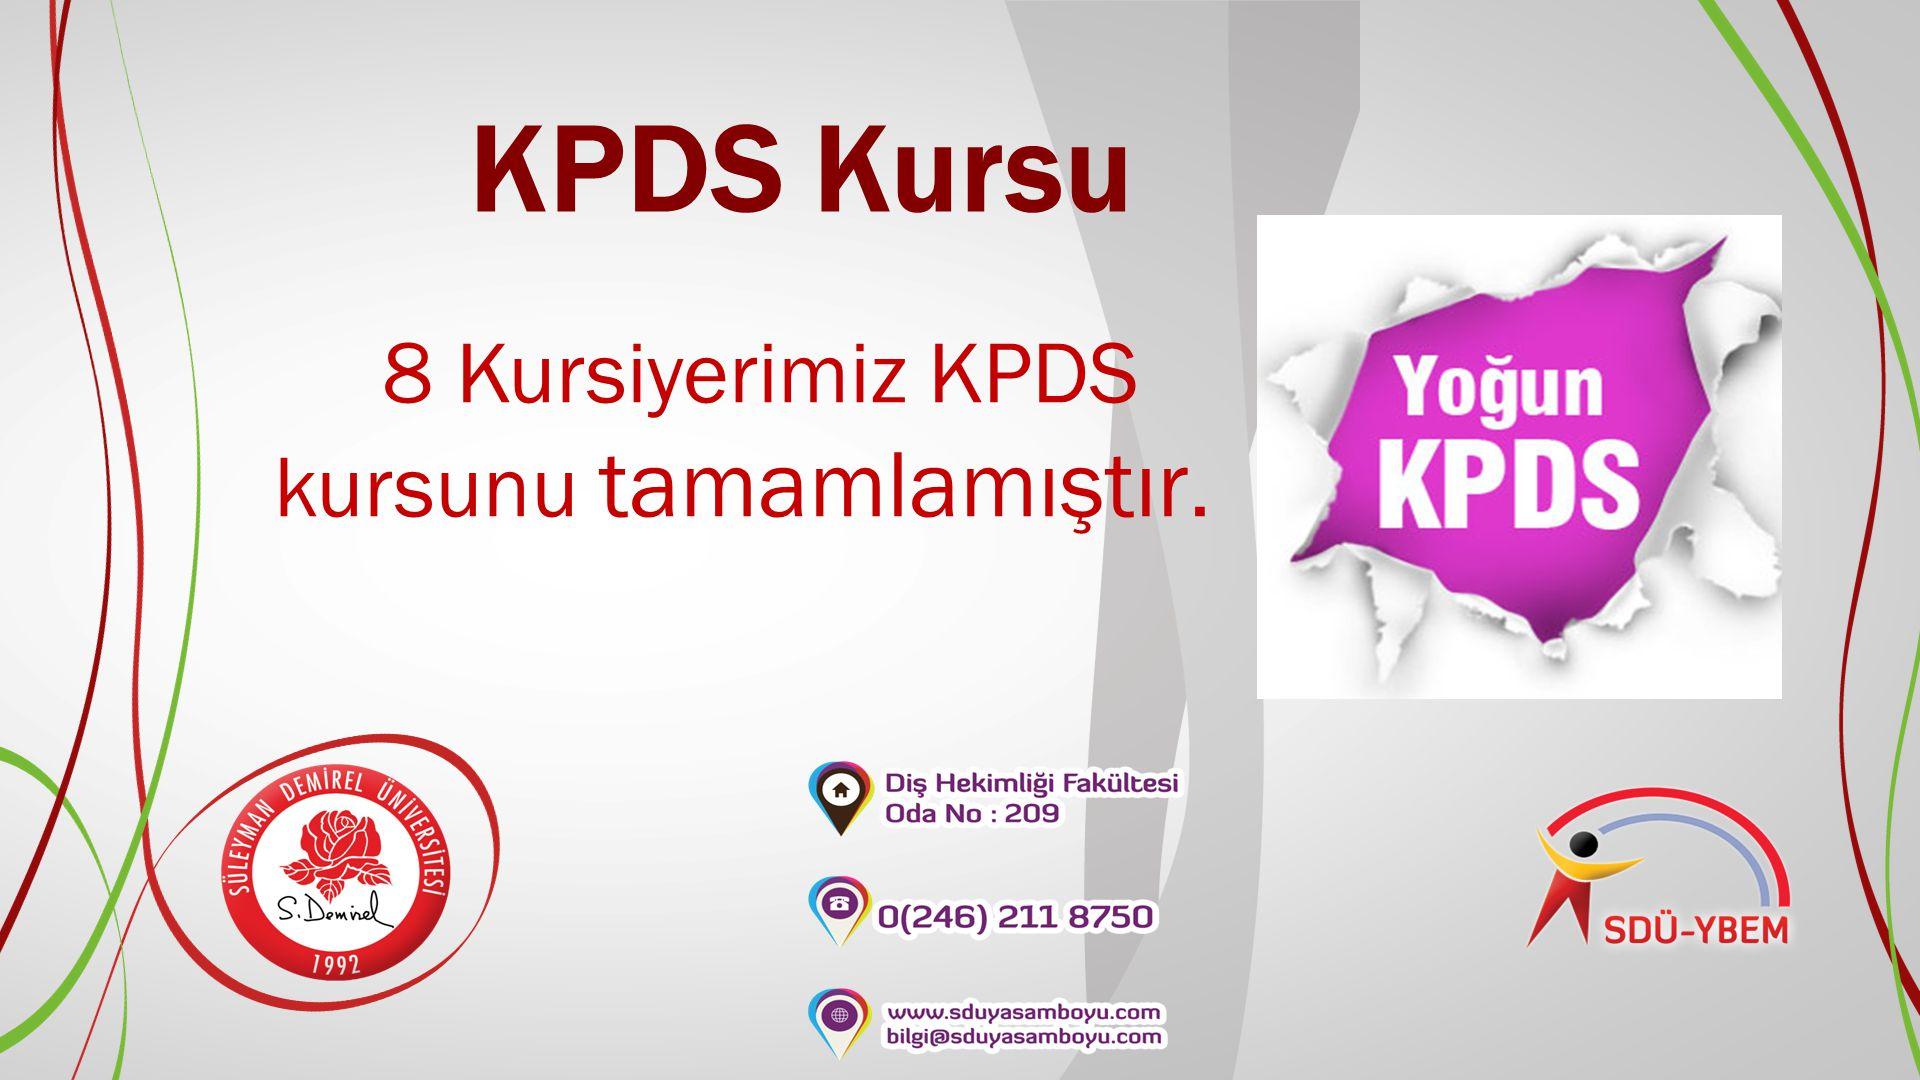 KPDS Kursu 8 Kursiyerimiz KPDS kursunu tamamlamıştır.